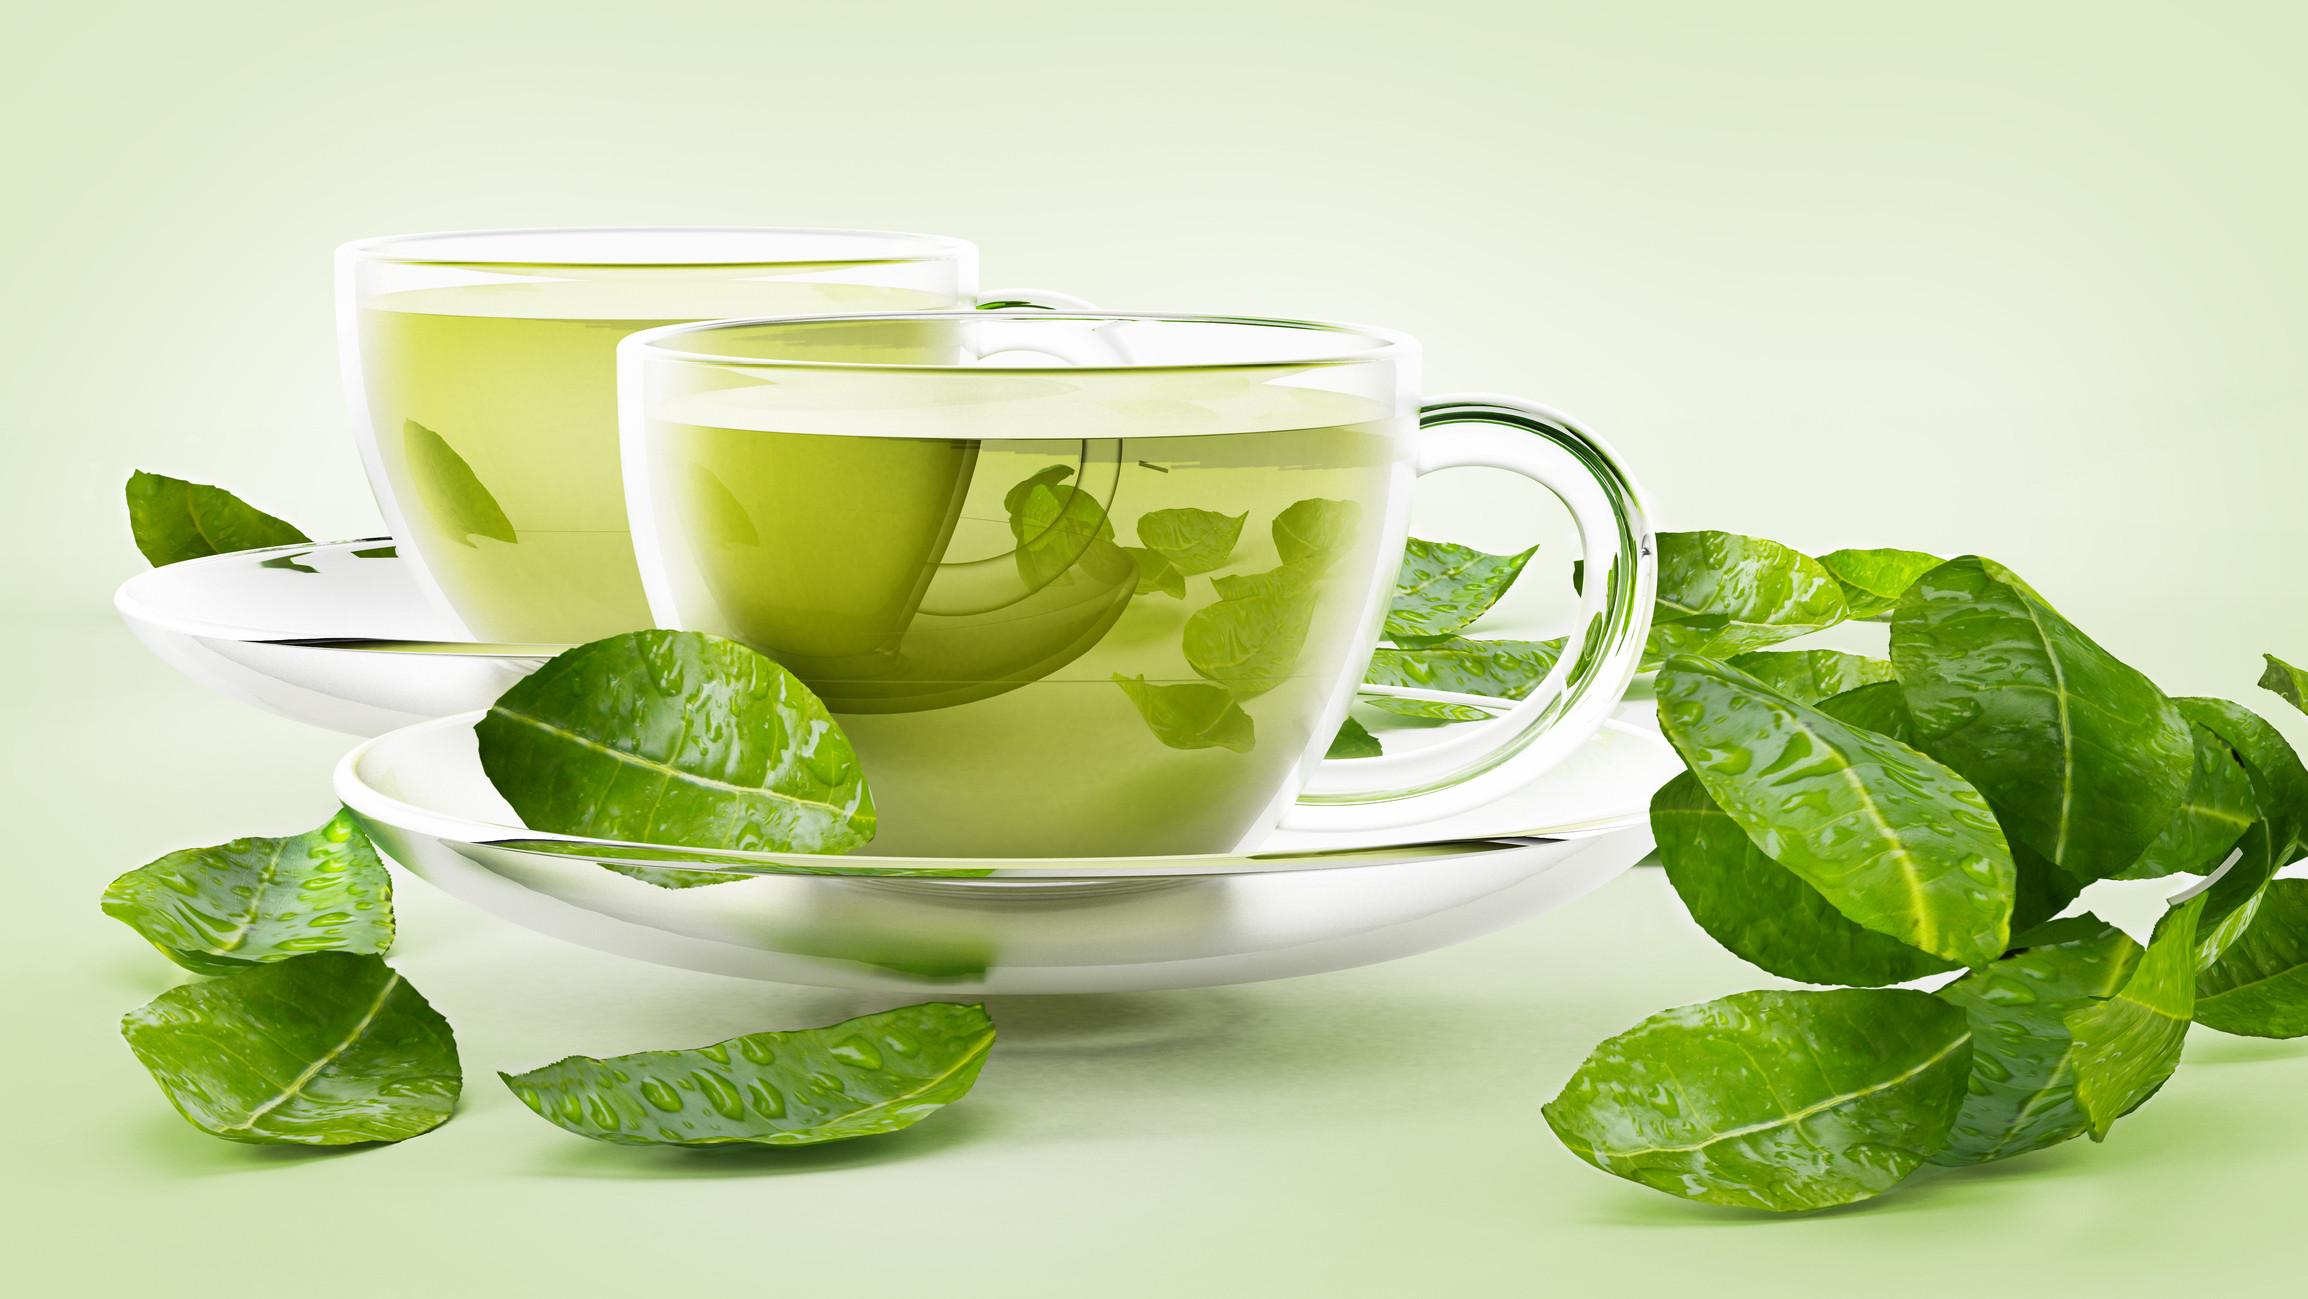 مشروبات لزيادة الحرق - الشاي الأخضر